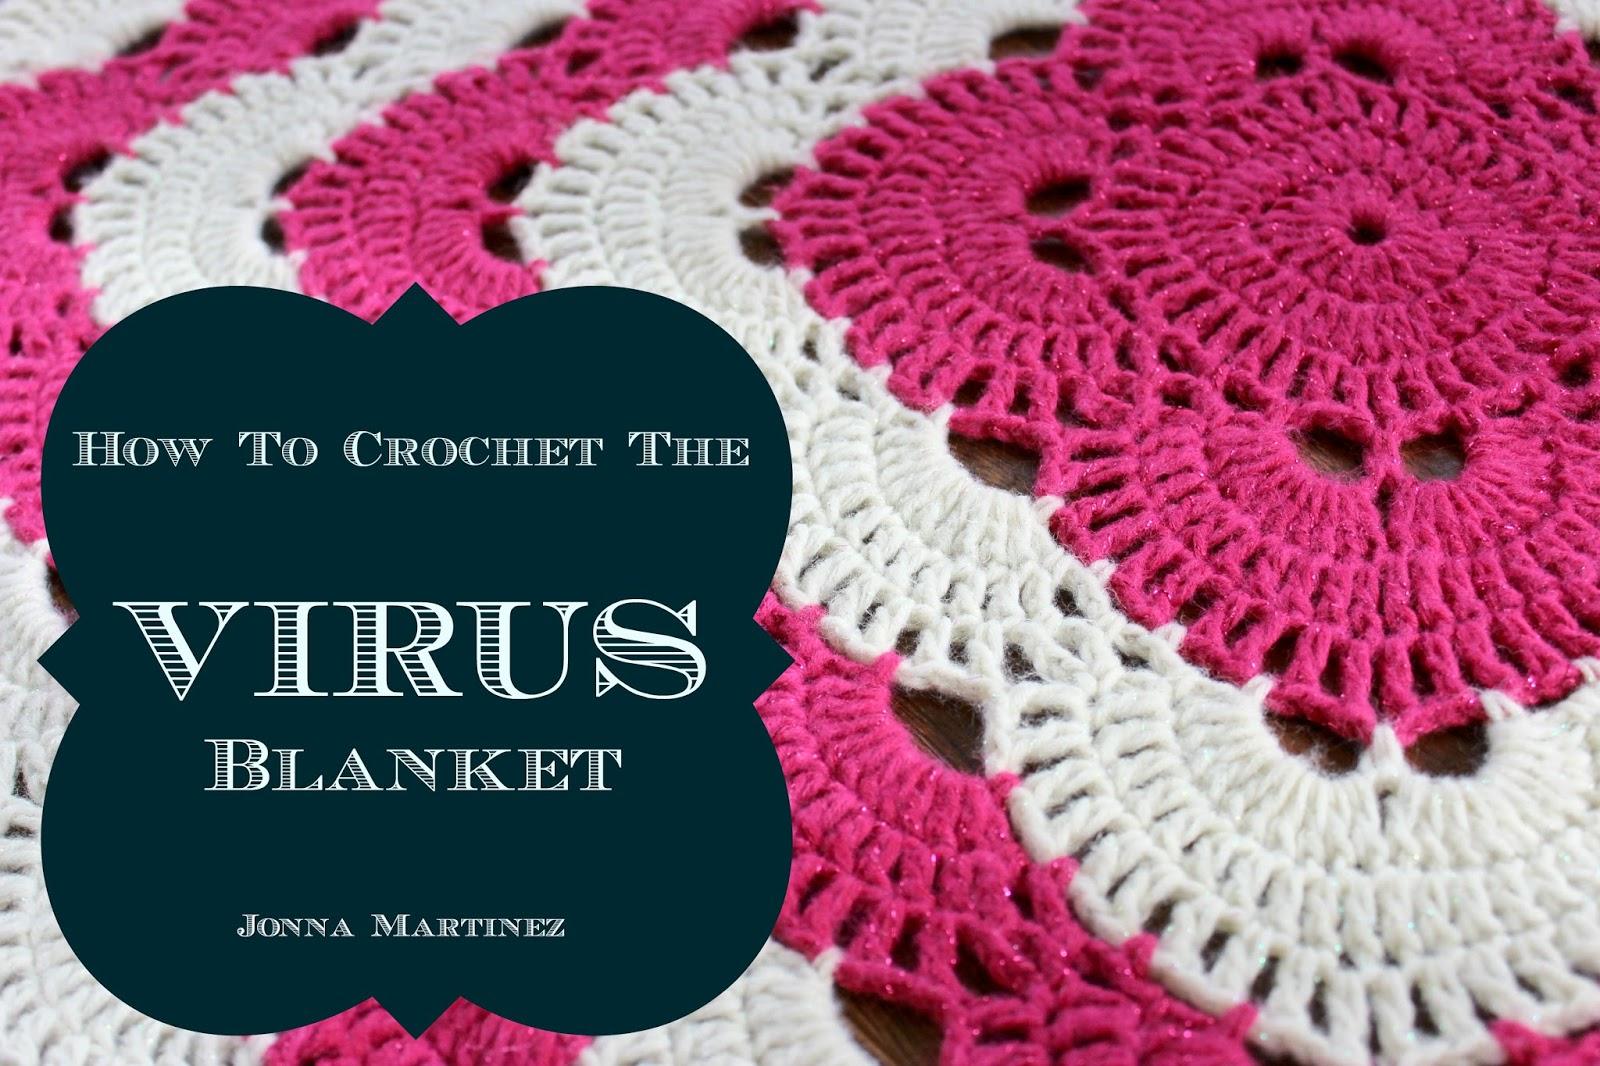 Epic image in virus blanket pattern free printable